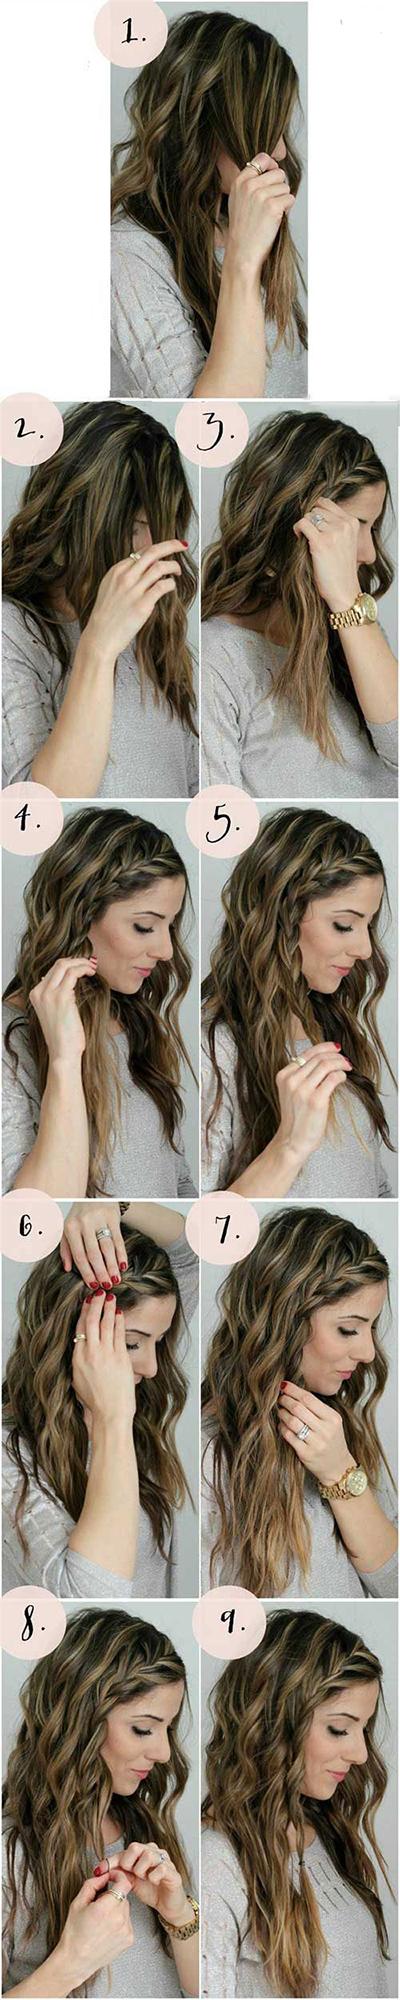 مدل های بستن مو برای خانم ها